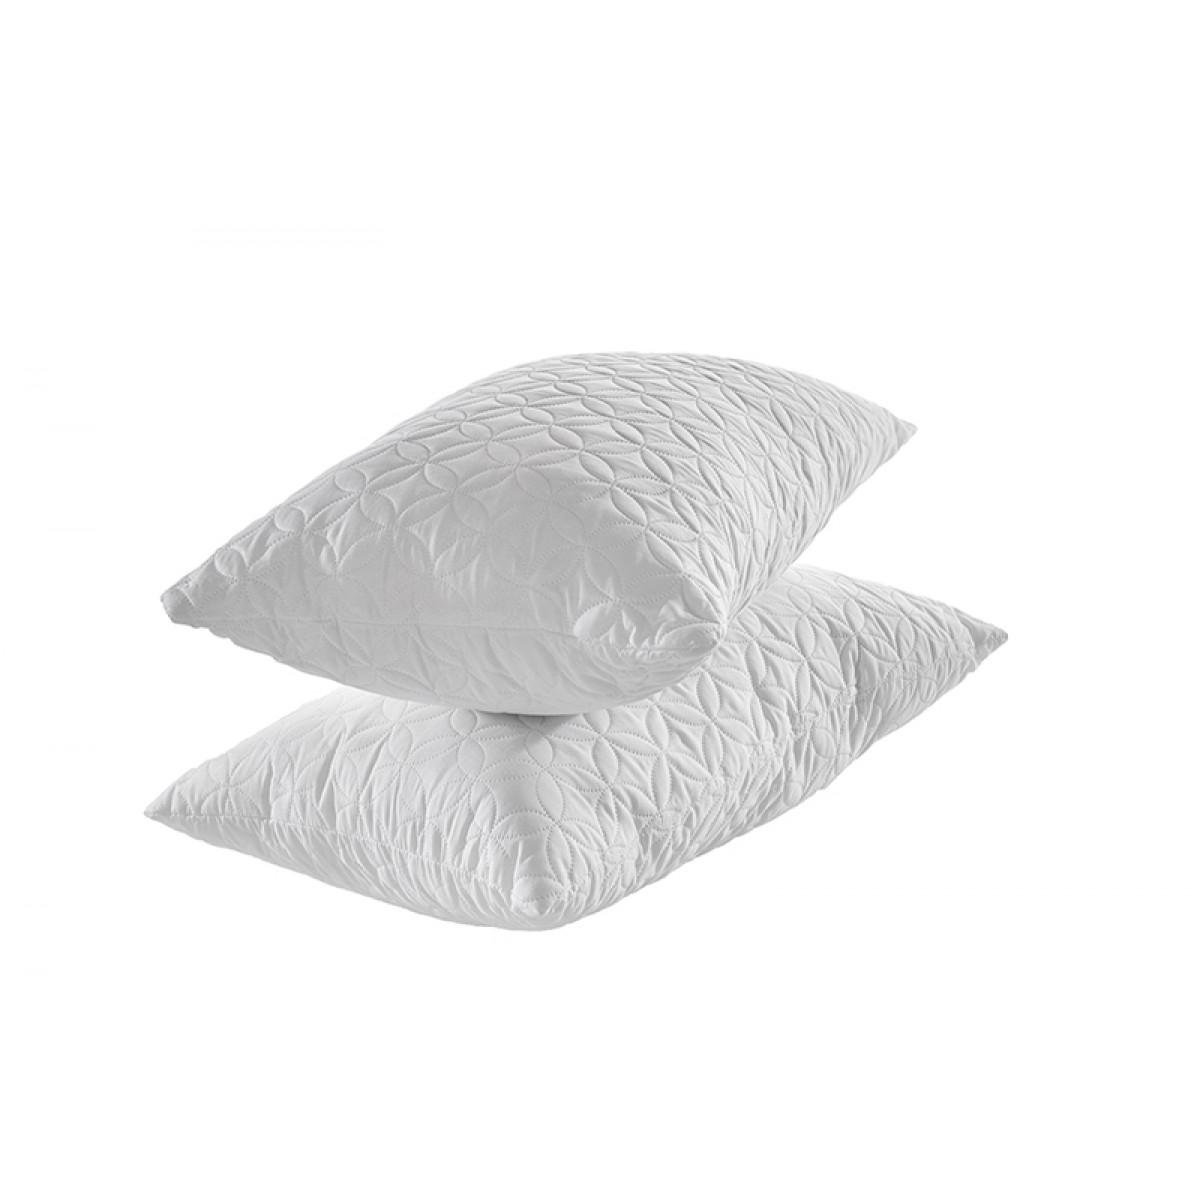 Възглавница с пълнеж от мемори пяна